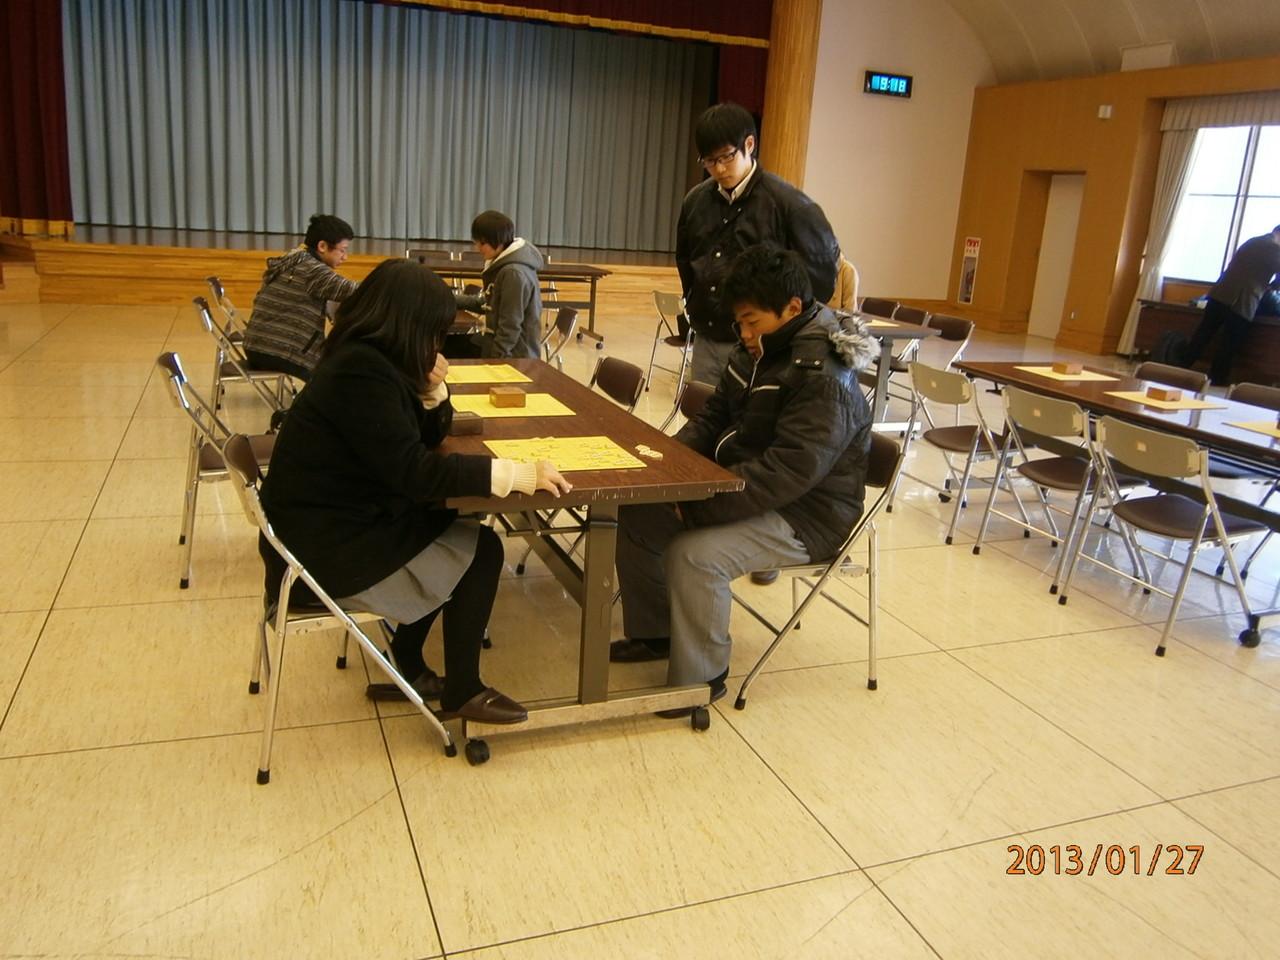 軽井沢高校からは5名の参加者がありました。